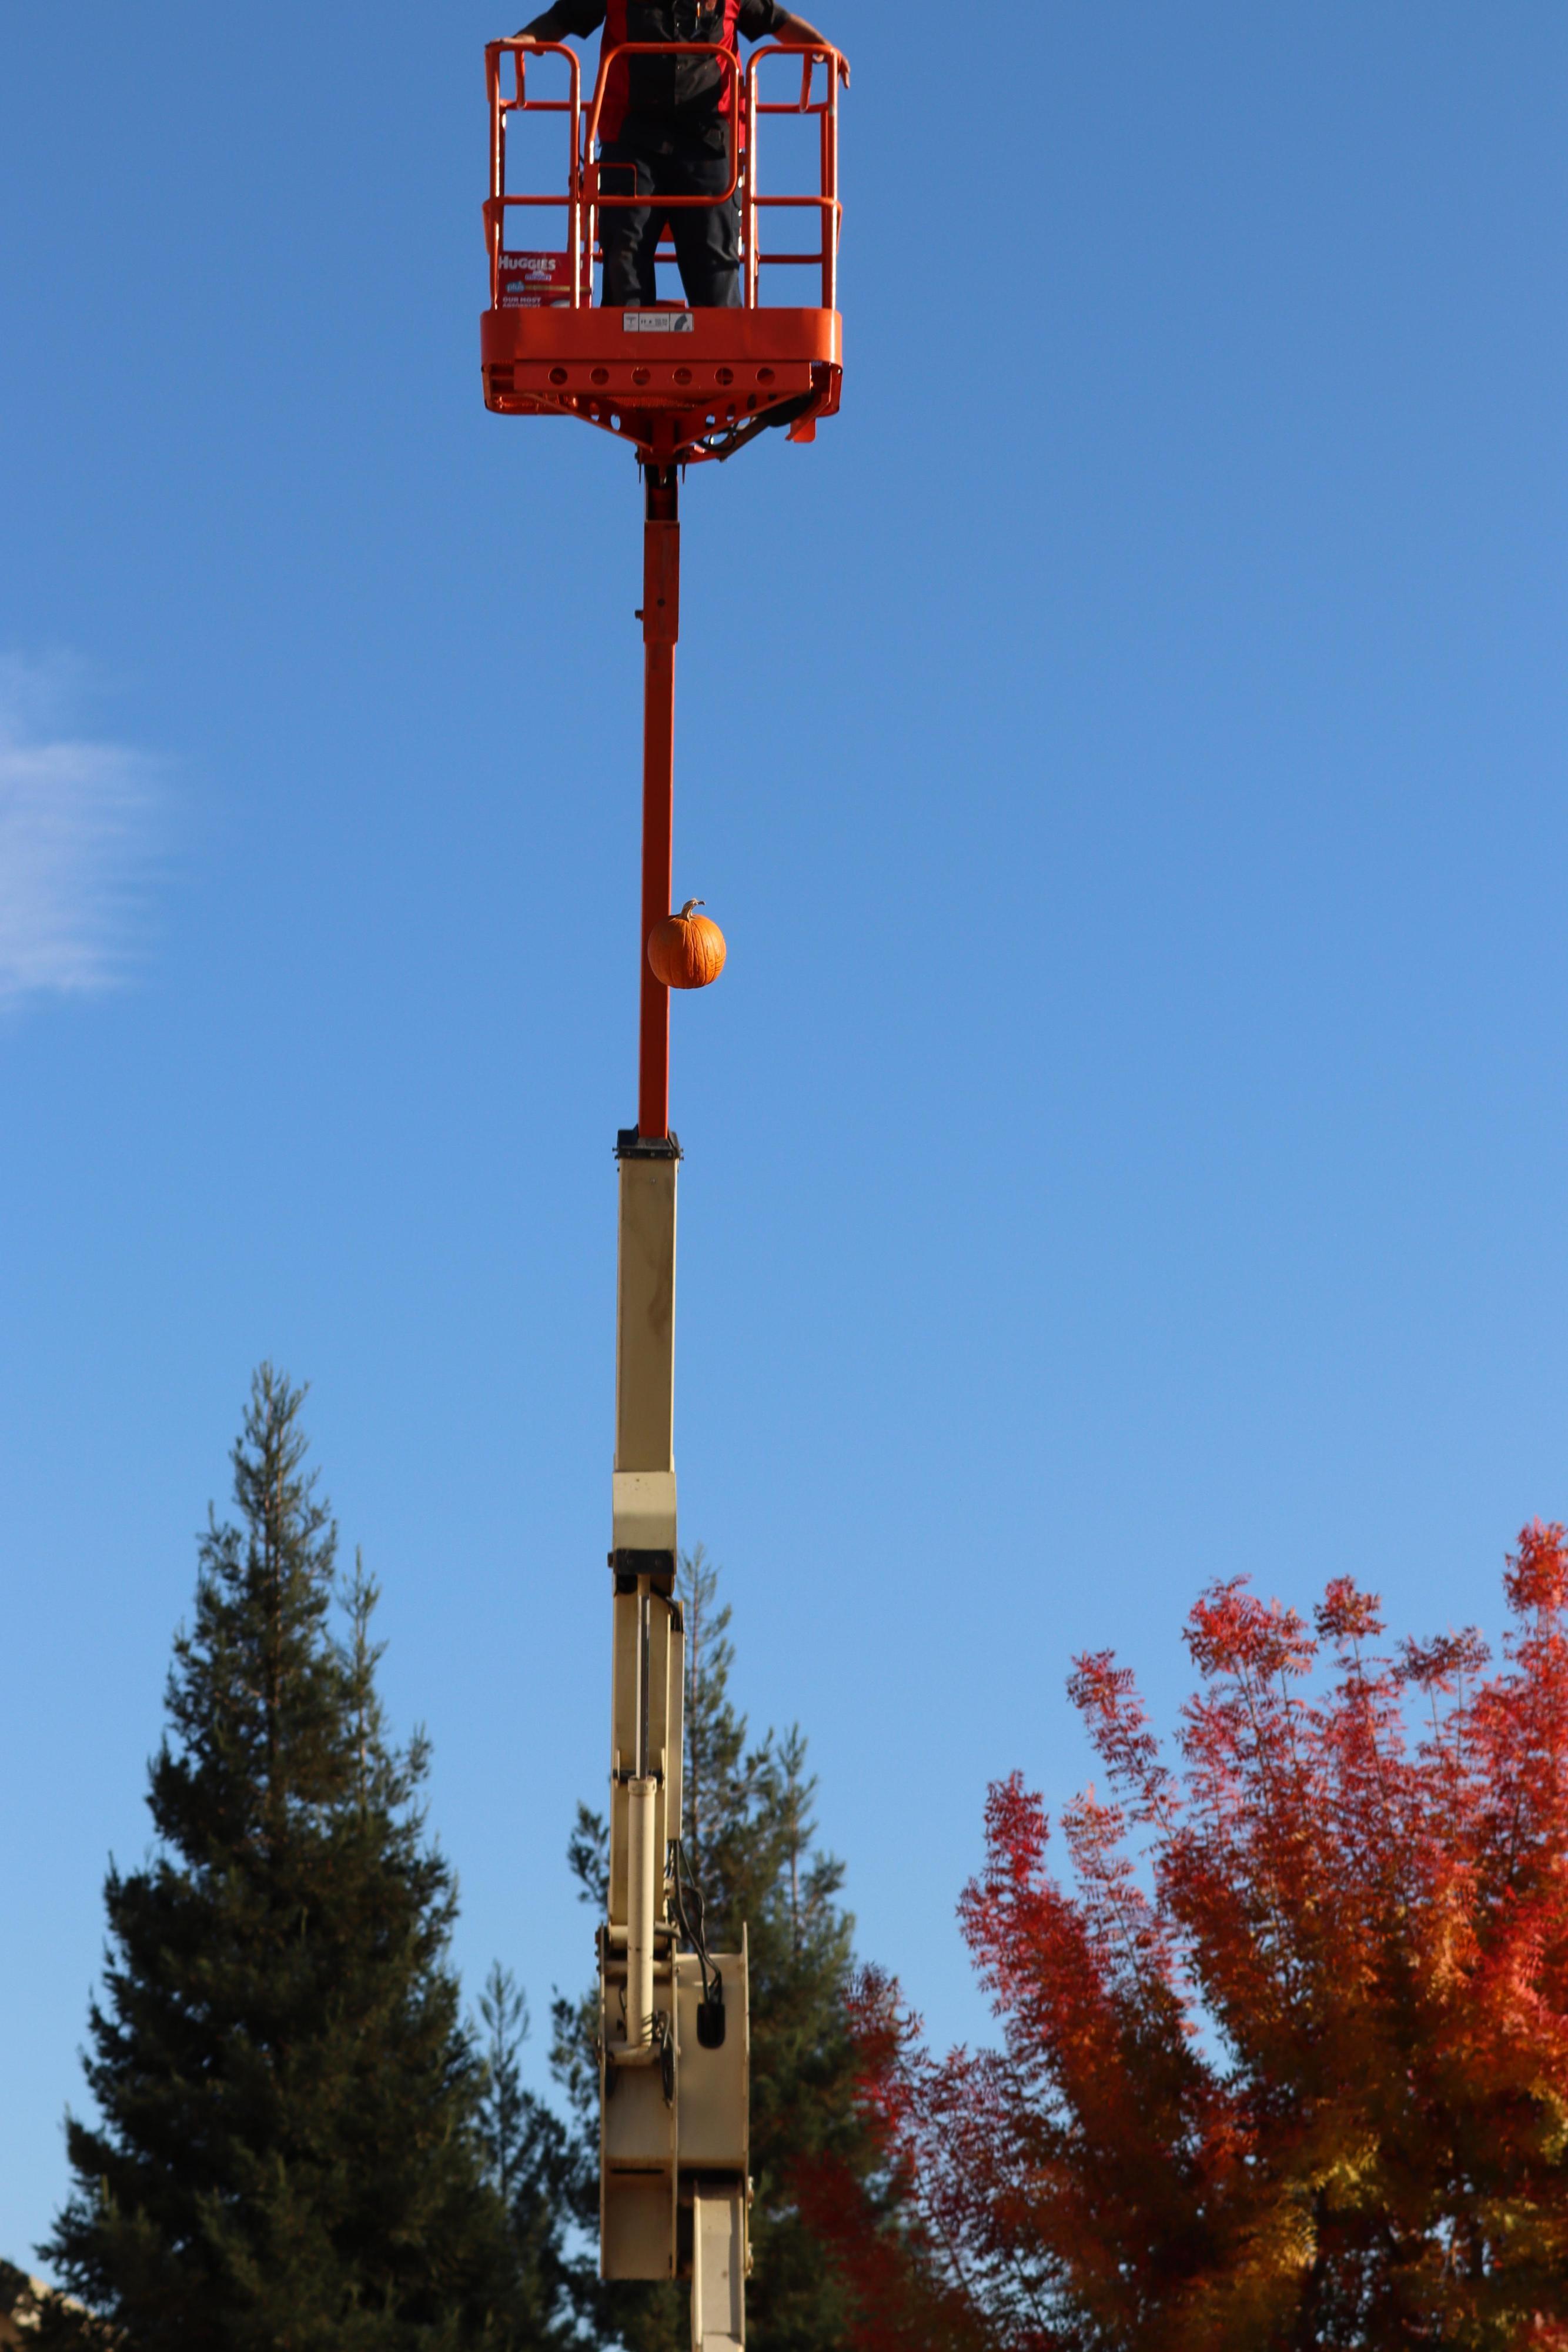 Control pumpkin falling.